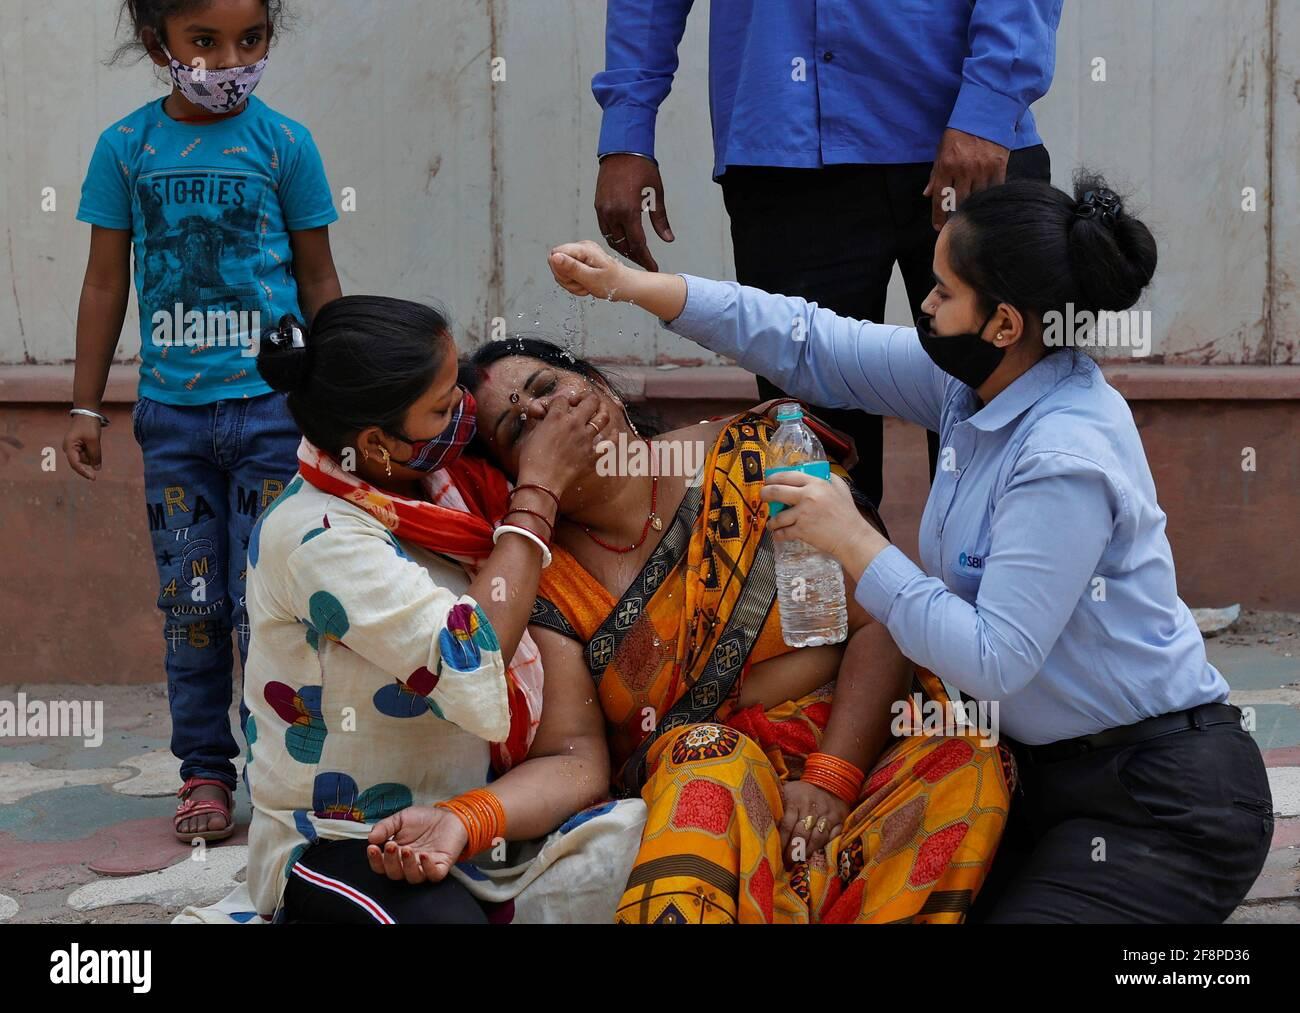 Una donna è consolata dopo che suo marito è morto a causa della malattia del coronavirus (COVID-19) fuori di un mortuario di un ospedale COVID-19 a Nuova Delhi, India, 15 aprile 2021. REUTERS/Danese Siddiqui Foto Stock